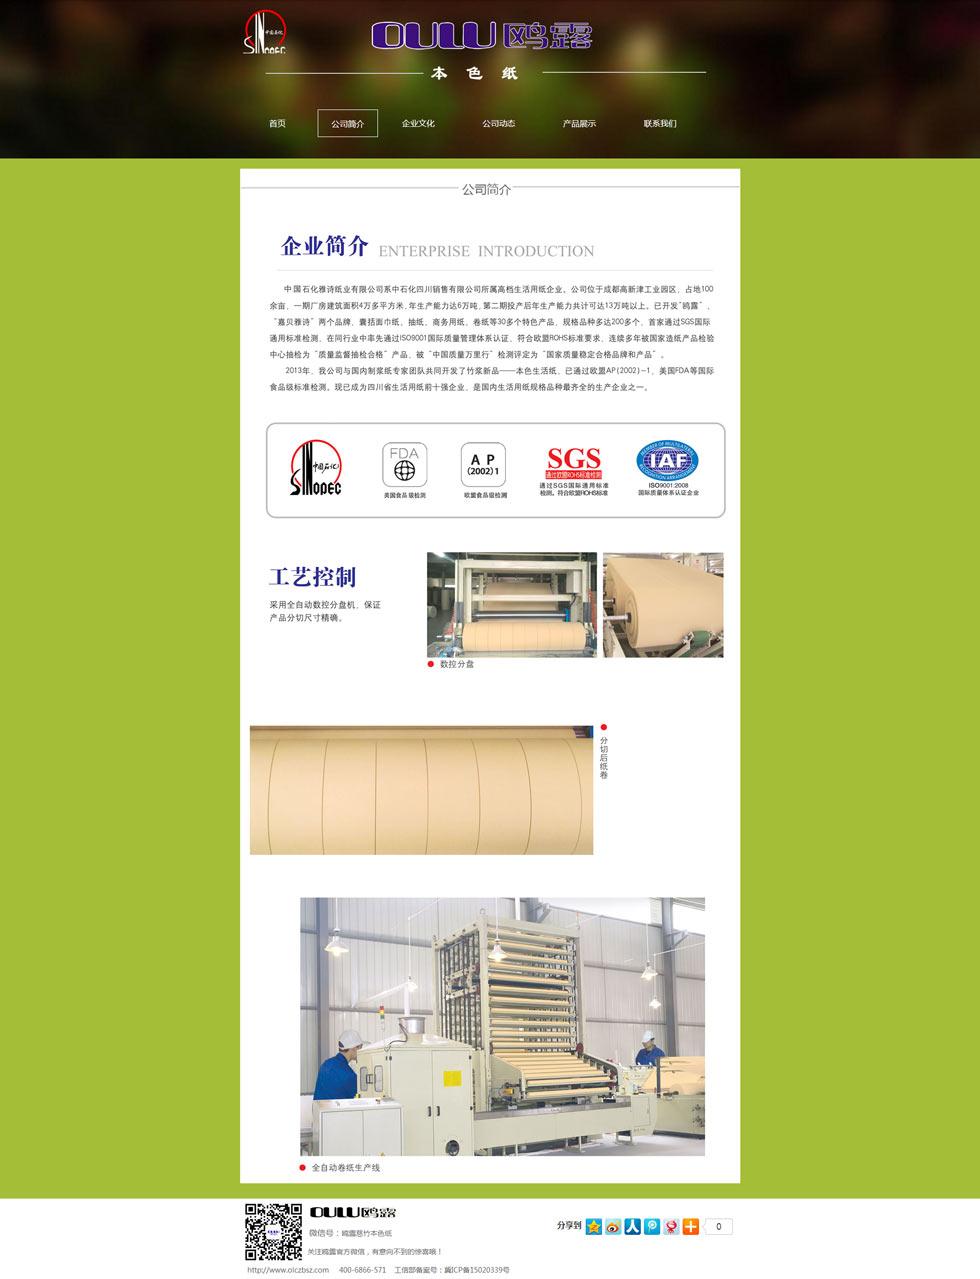 中国石化雅诗纸业有限公司